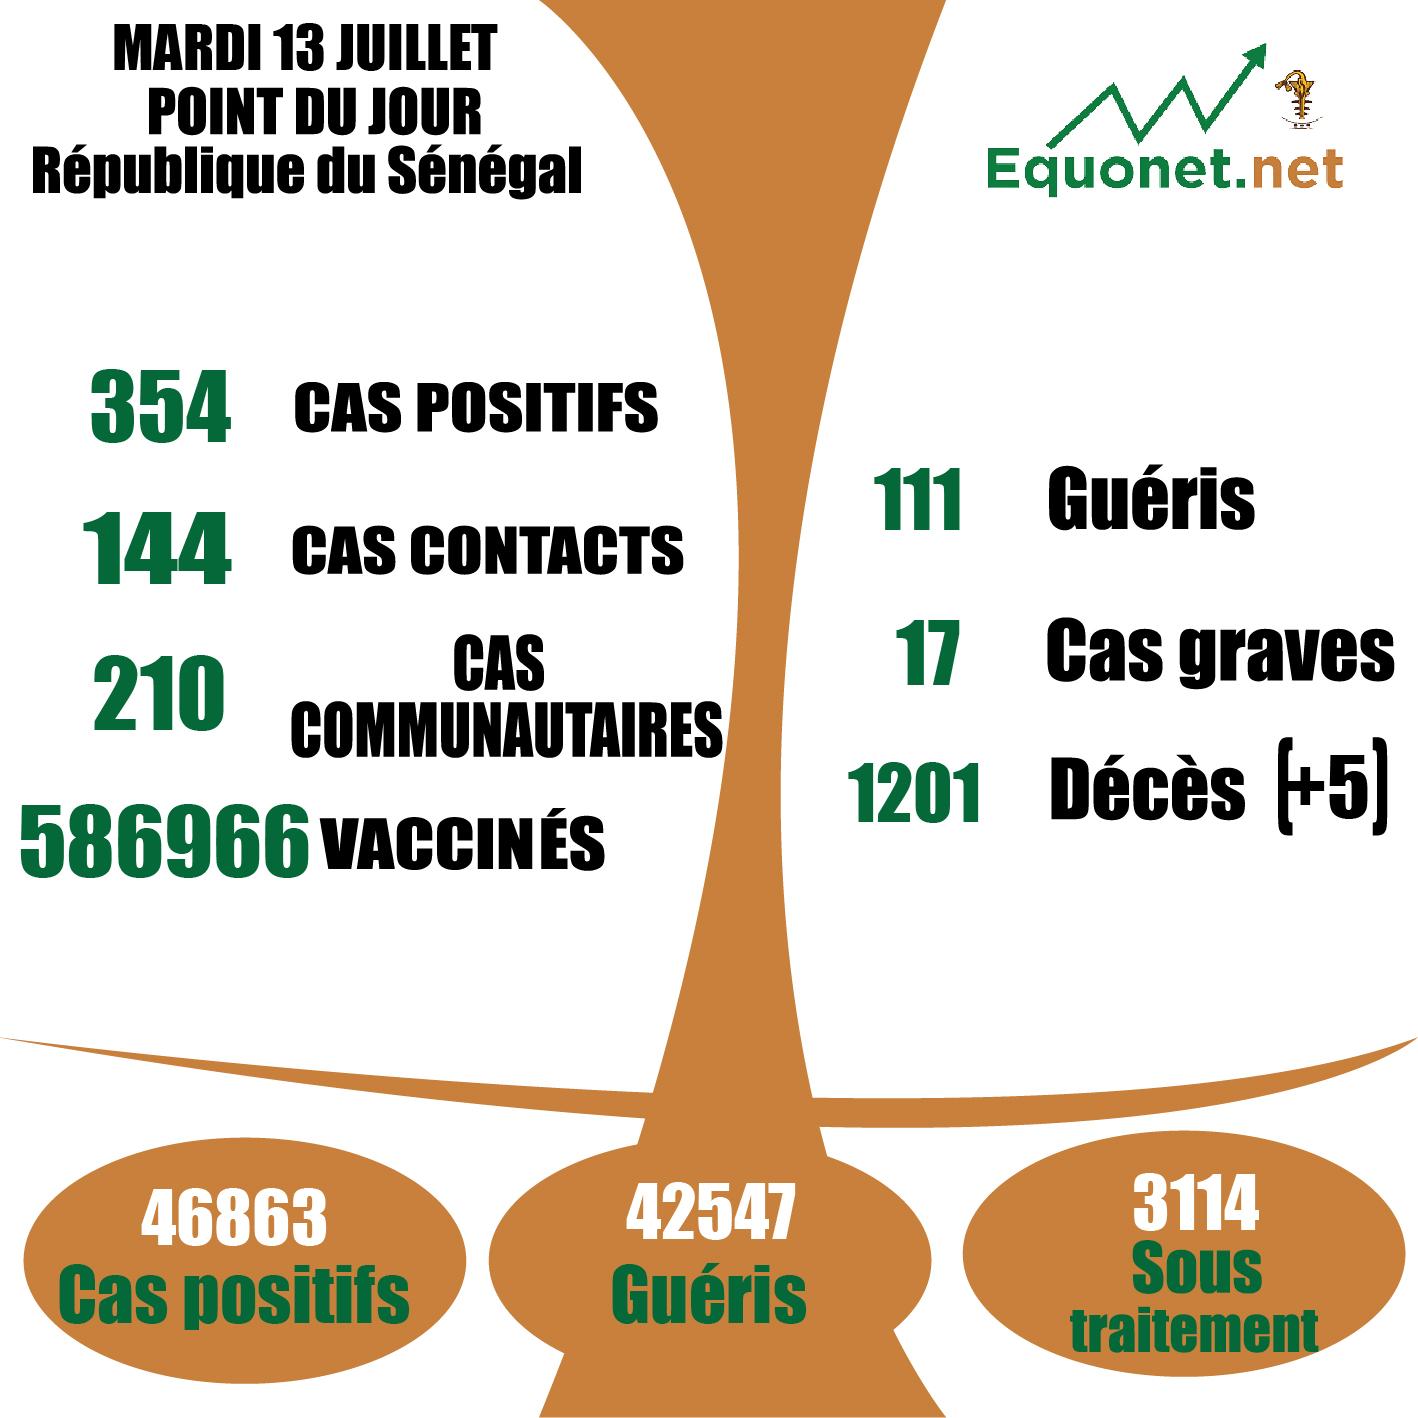 pandémie du coronavirus-covid-19 au Sénégal : 210 cas communautaires et 05 décès enregistrés ce mardi 13 juillet 2021